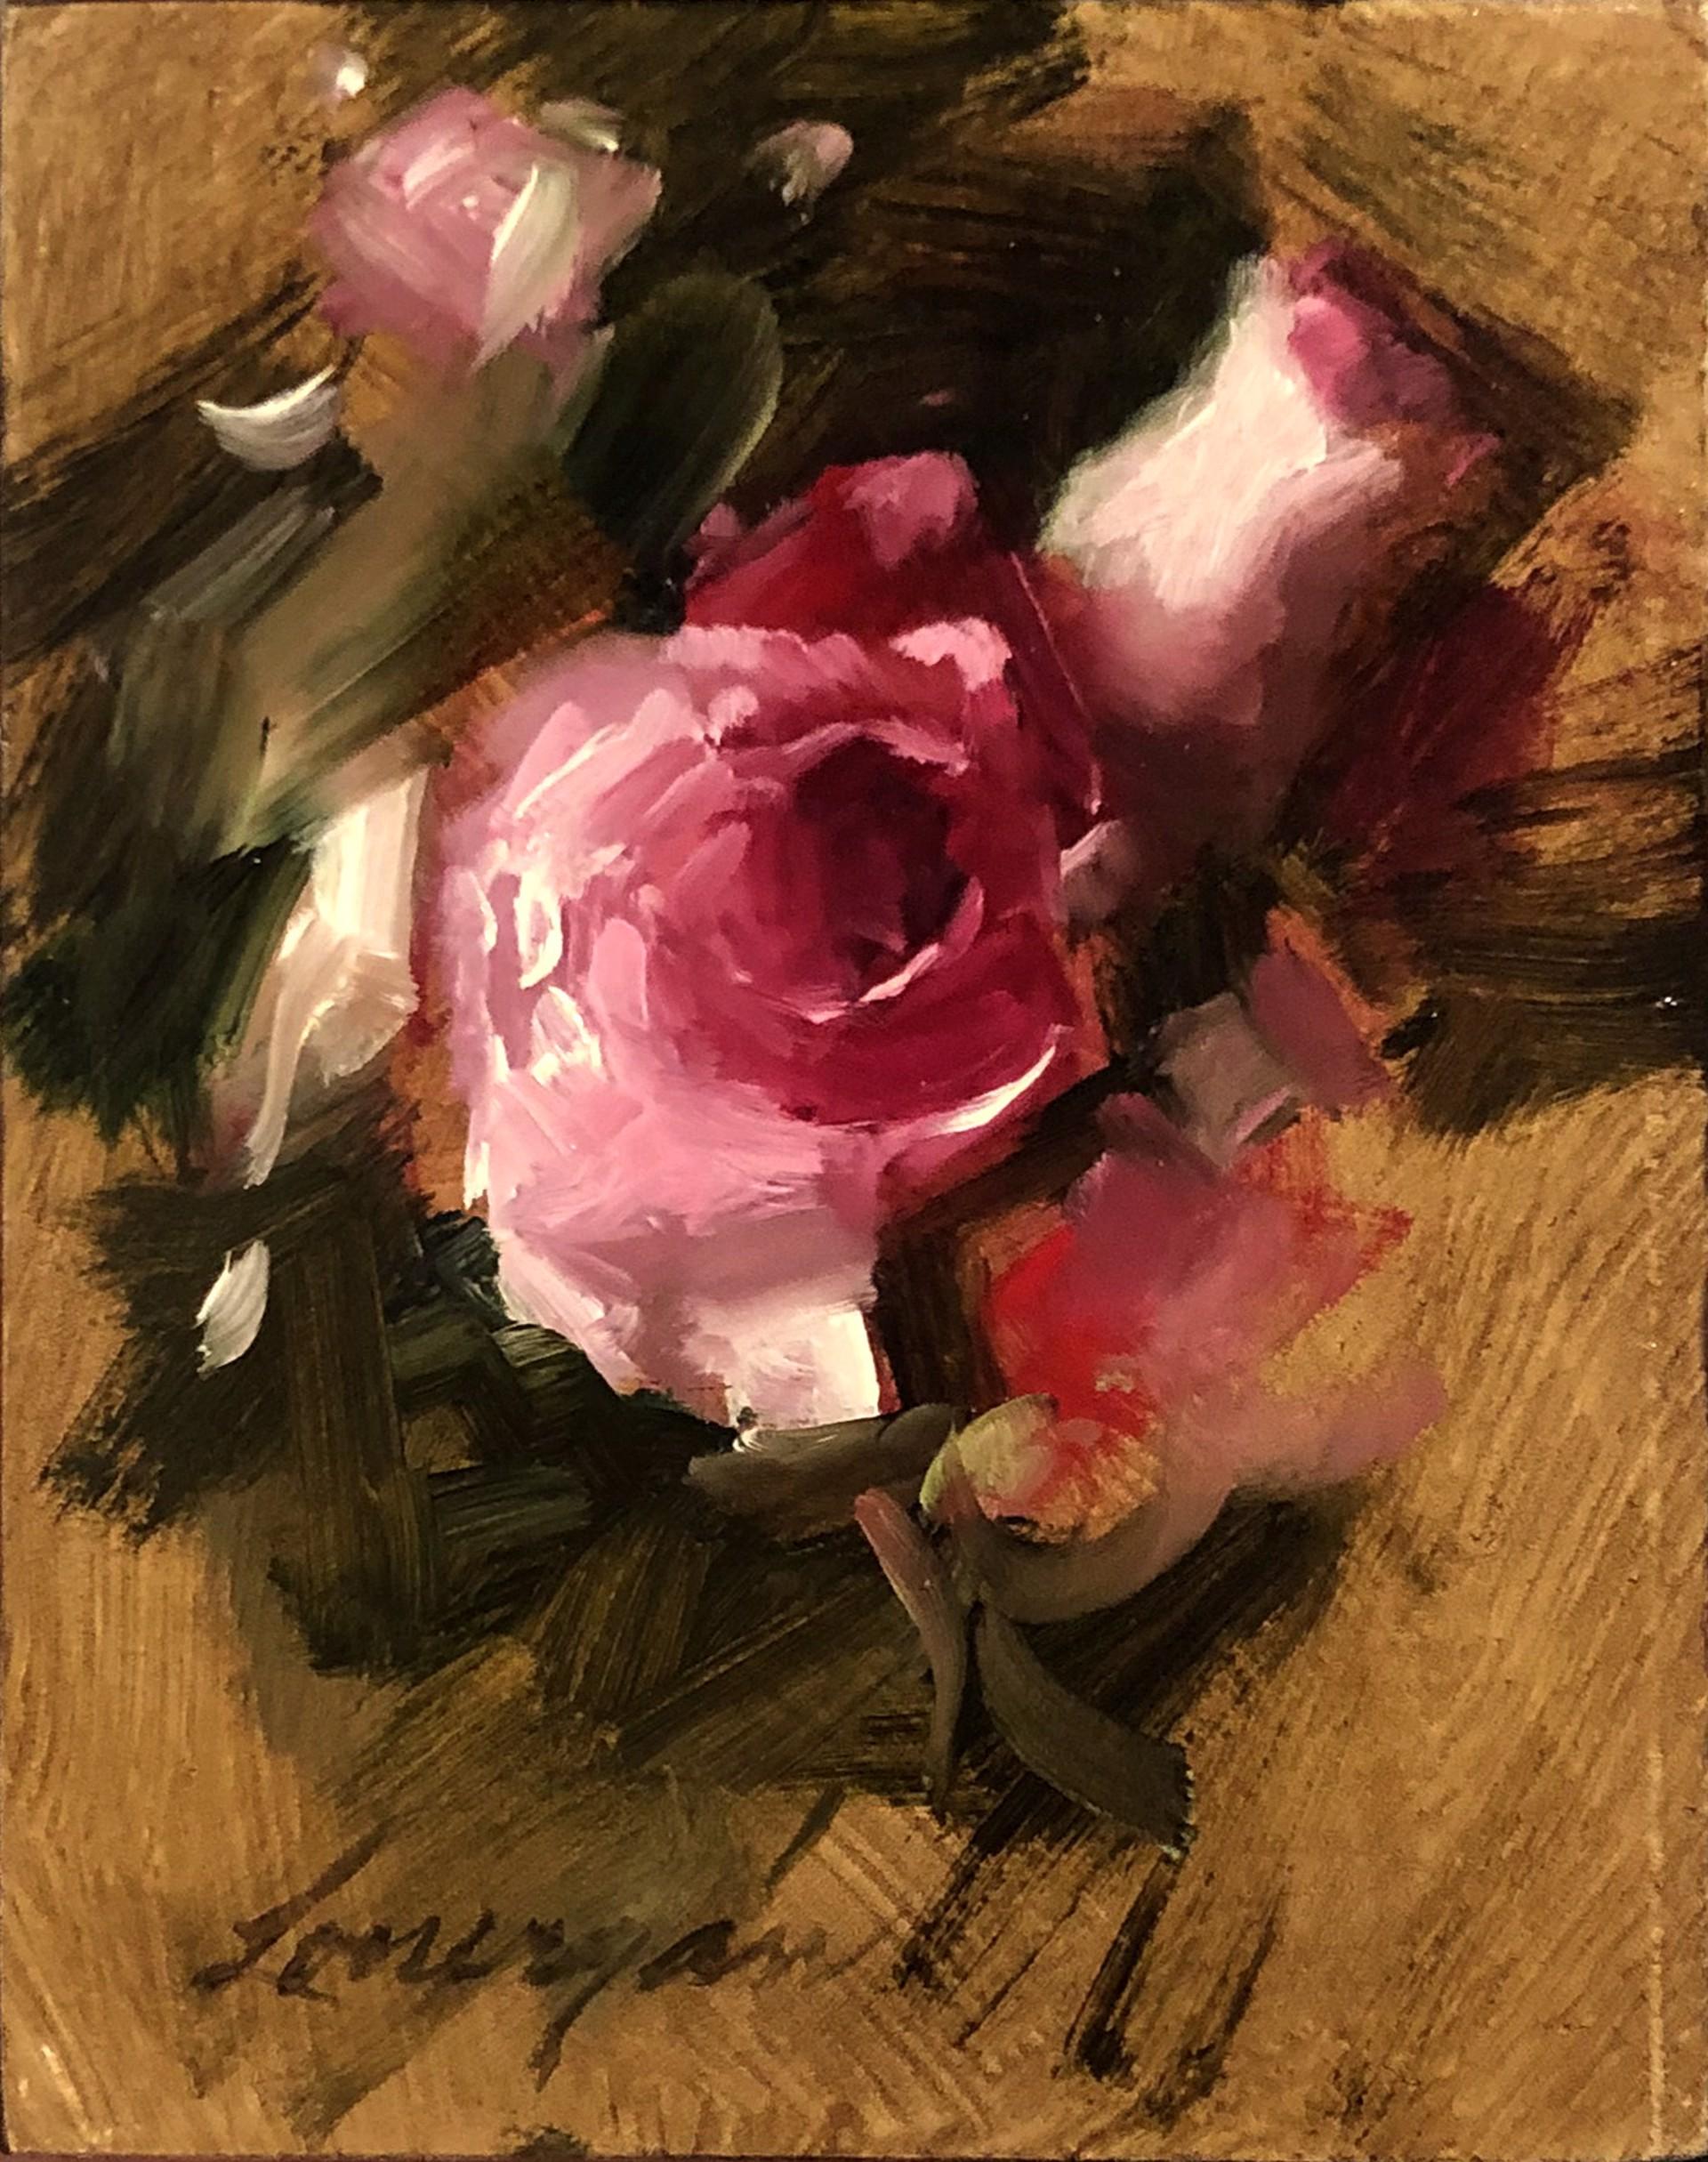 Roses by John Lonergan